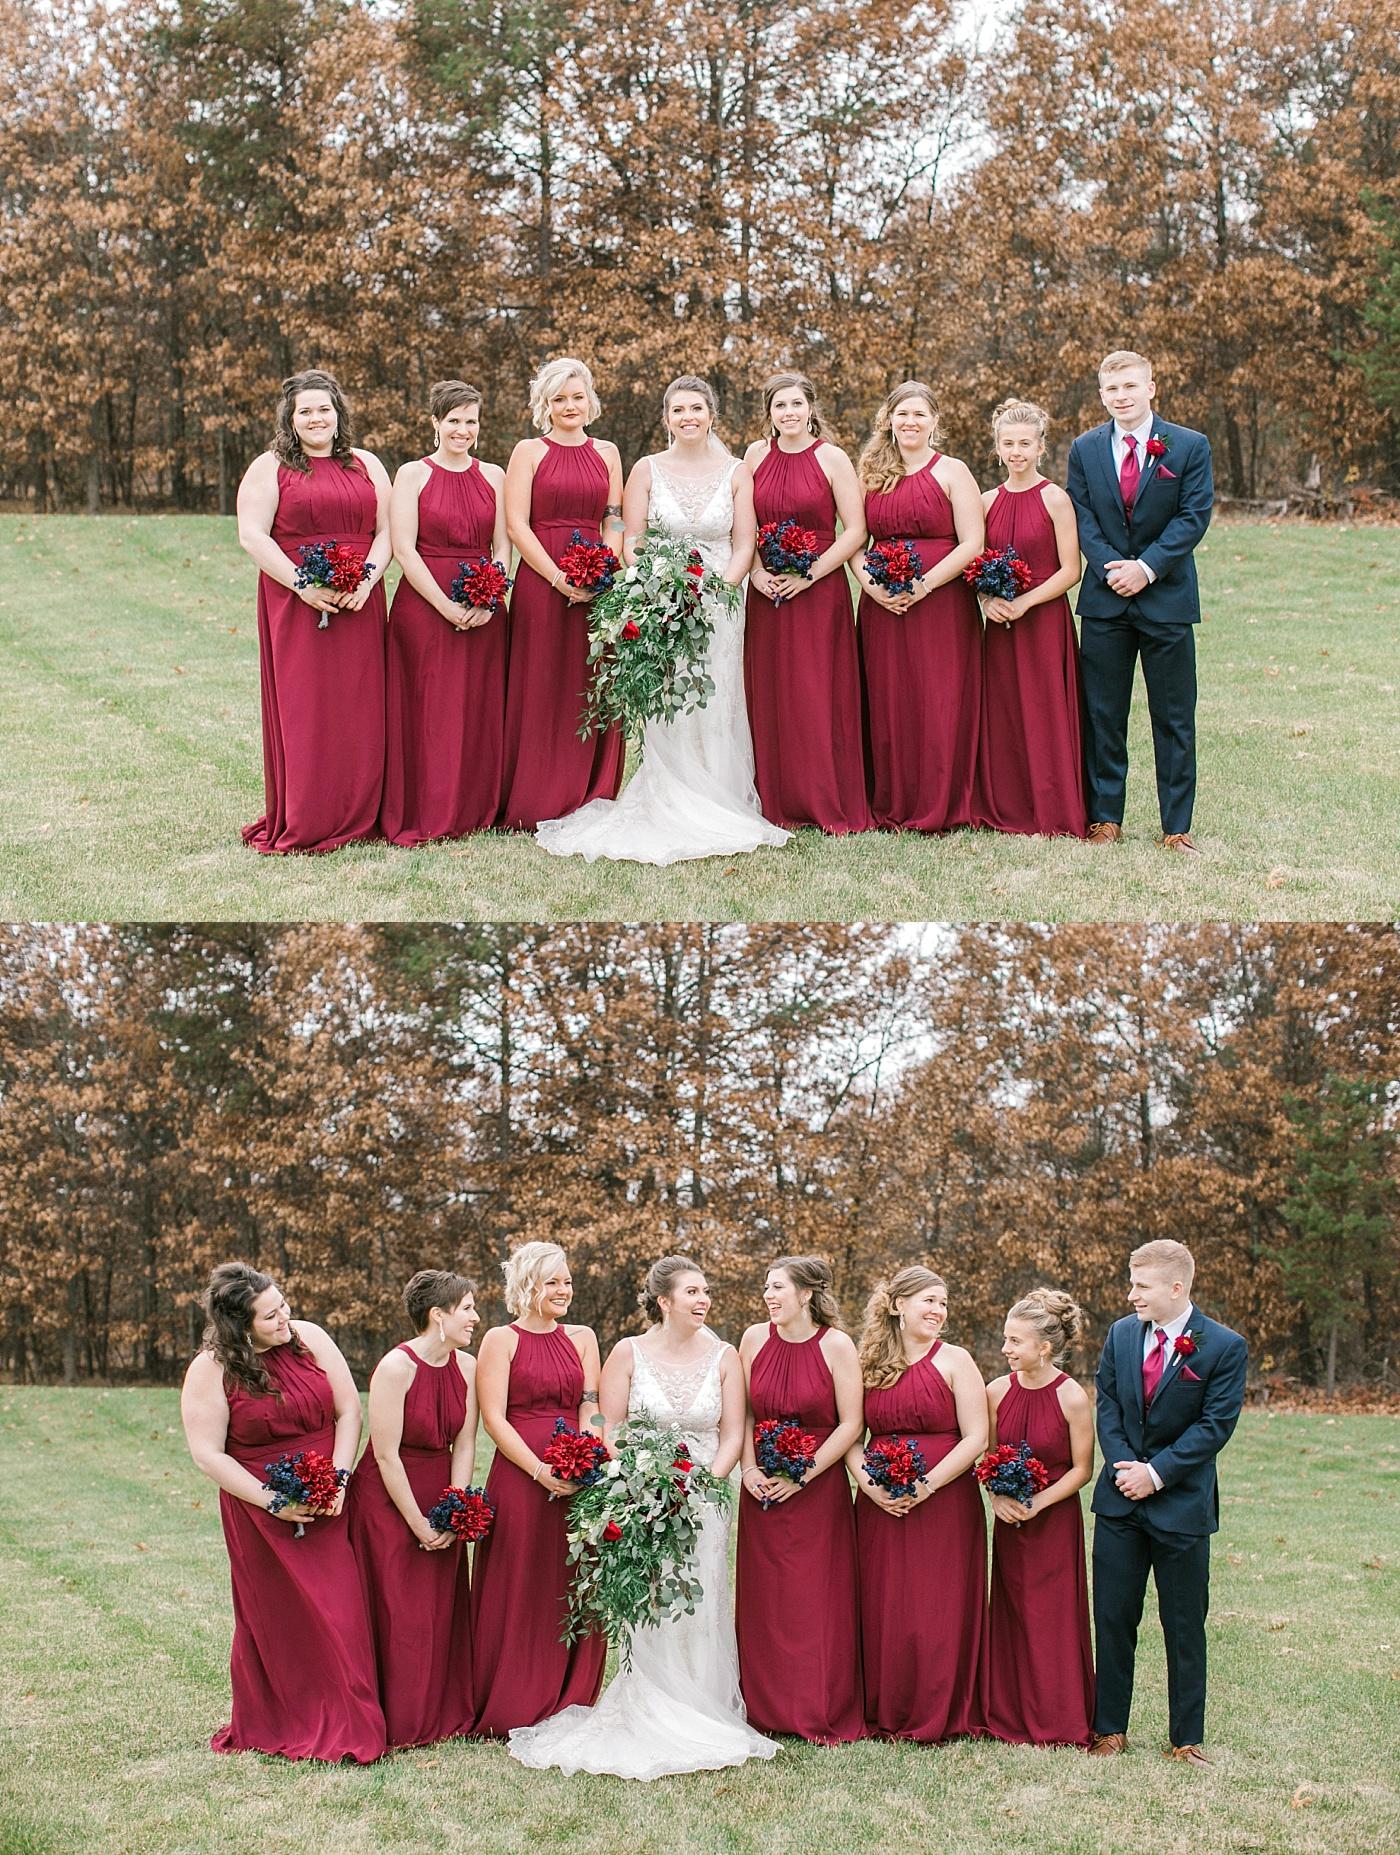 Madison profession wedding photographers